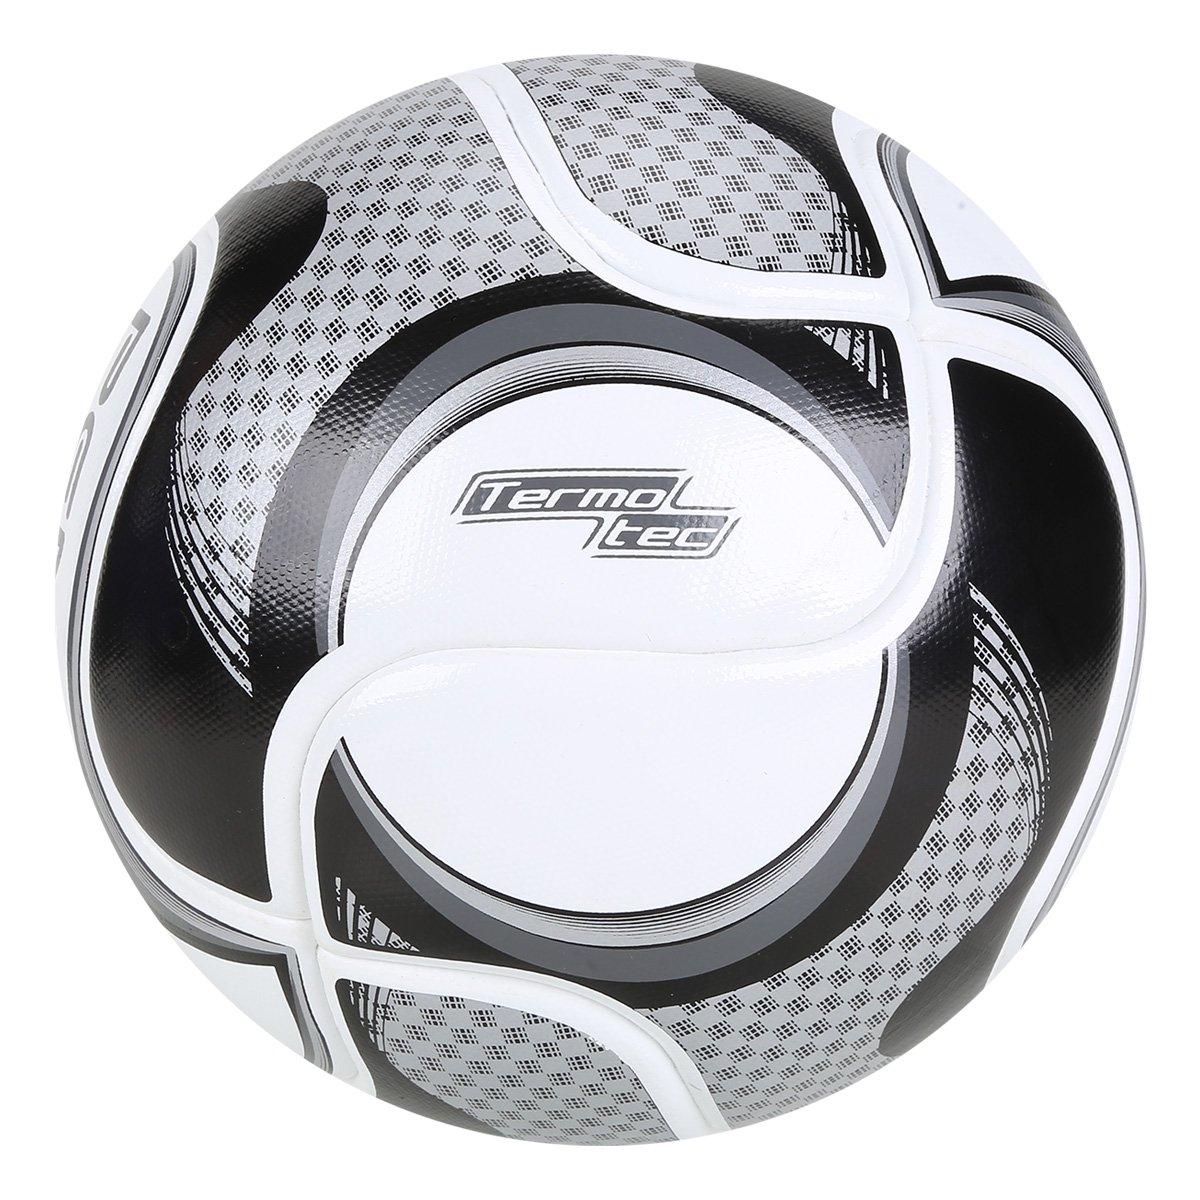 Bola de Futsal Penalty Max 50 All Black - Edição Limitada - Branco e ... 5e4da3dcbd69e